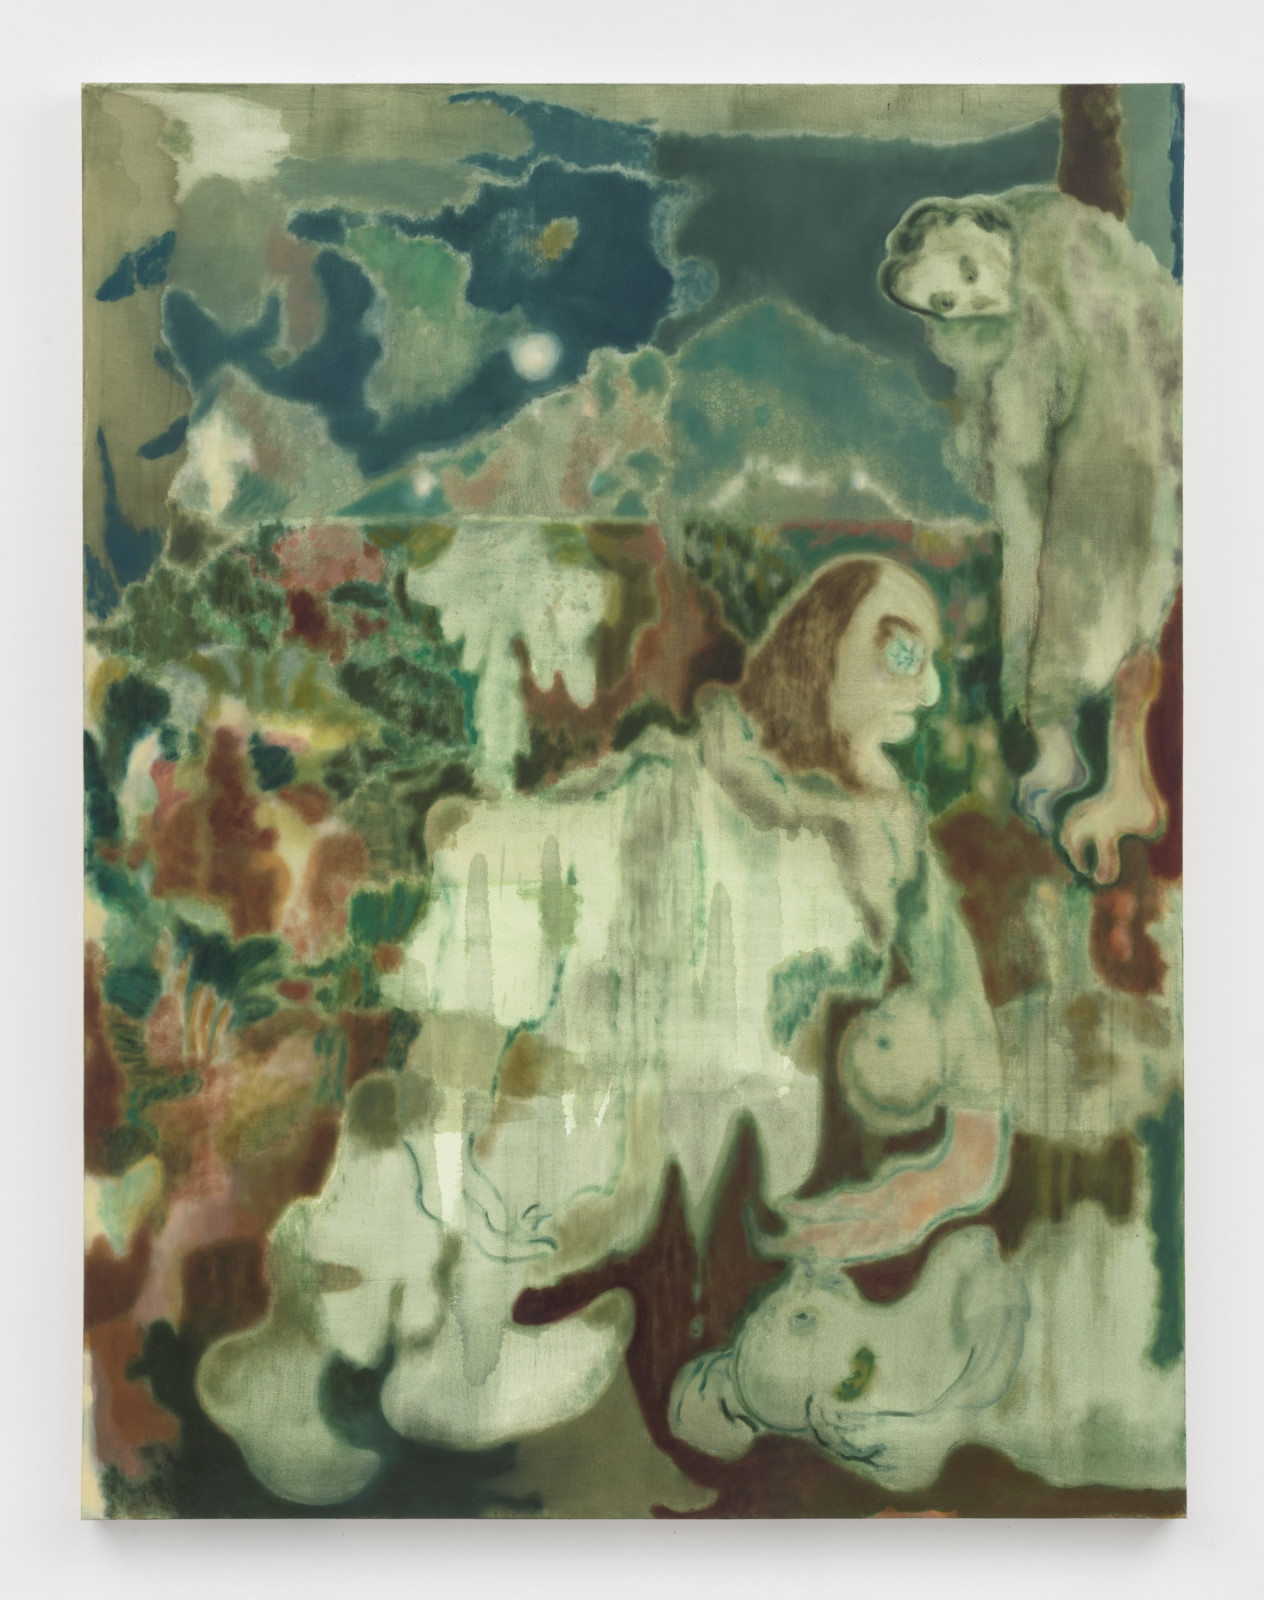 """<div class=""""artist""""><strong>Maja Ruznic</strong></div> <div class=""""title""""><em>Mokosh Nursing Jarilo and Morana</em>, 2018</div> <div class=""""medium"""">Oil on canvas</div> <div class=""""dimensions"""">198.1 x 152.4 cm<br /> 78 x 60 in</div>"""